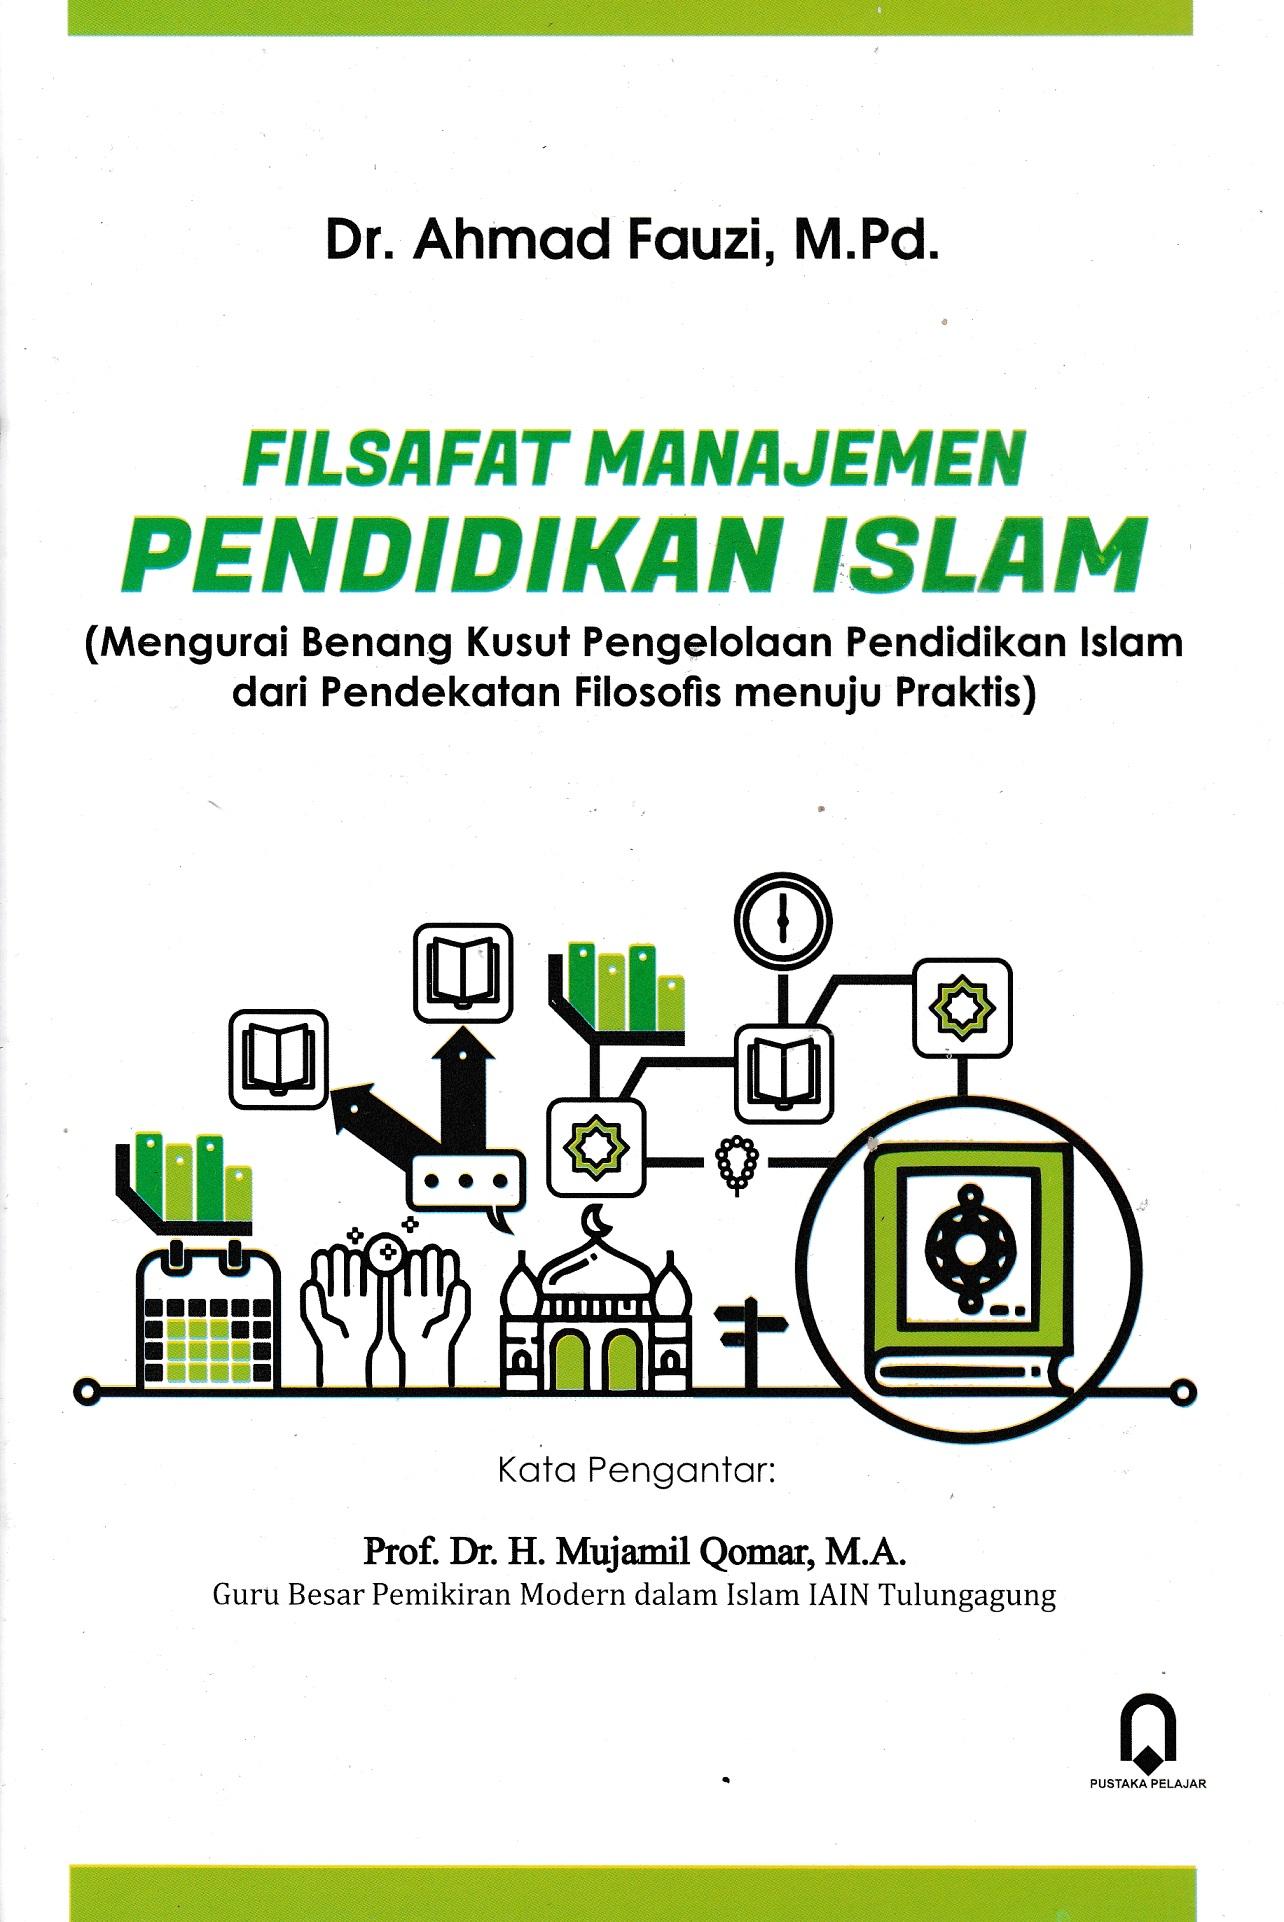 Filsafat Manajemen Pendidikan Islam